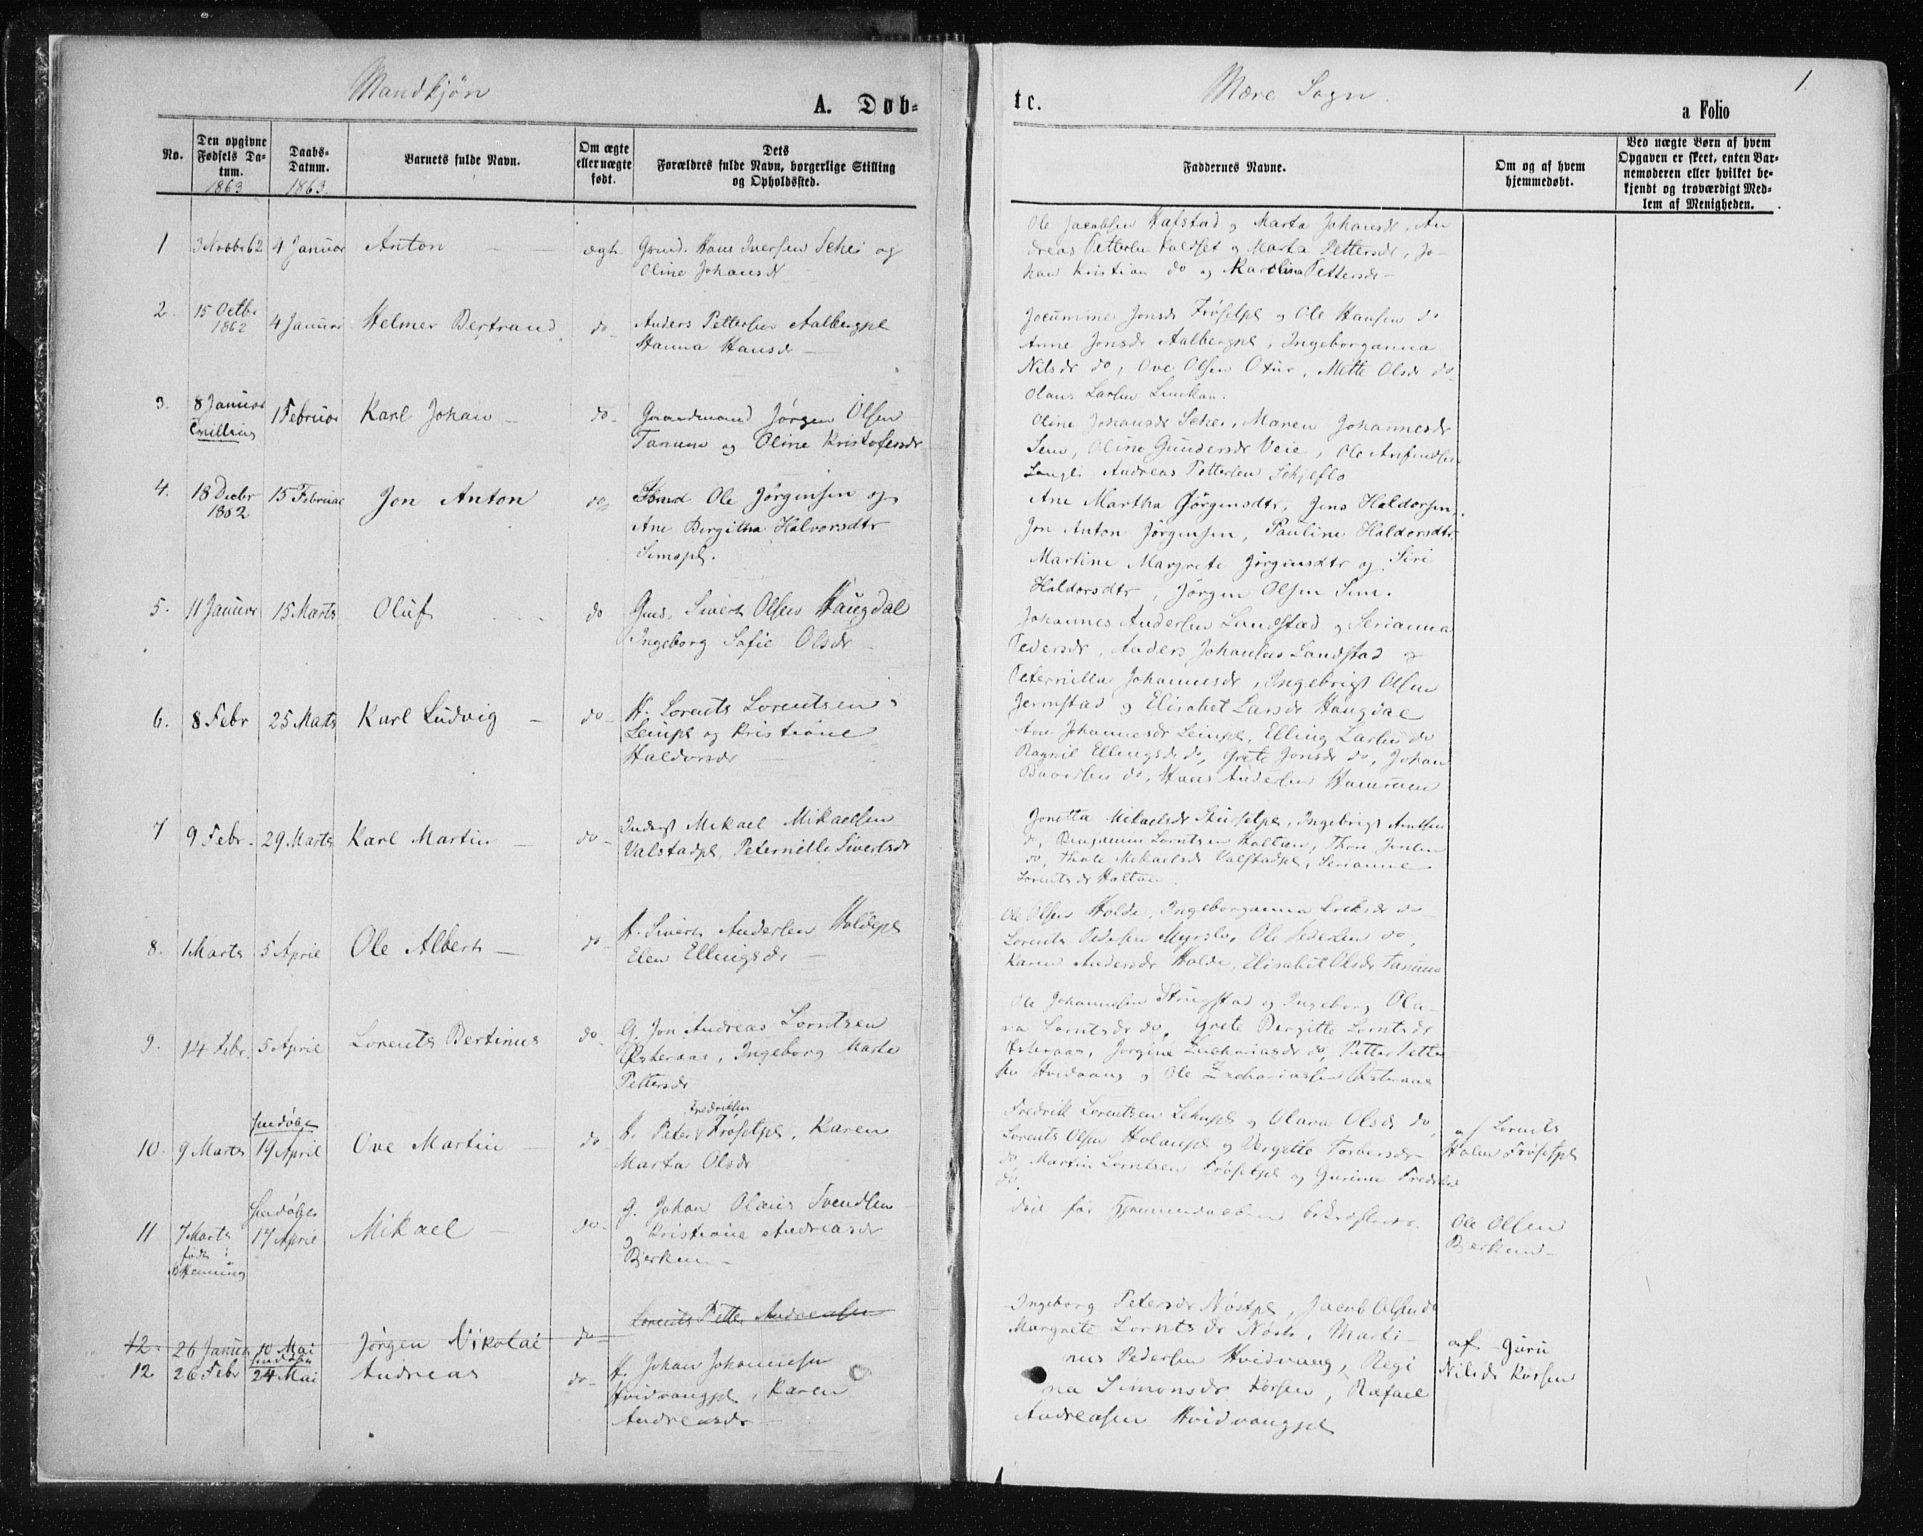 SAT, Ministerialprotokoller, klokkerbøker og fødselsregistre - Nord-Trøndelag, 735/L0345: Ministerialbok nr. 735A08 /1, 1863-1872, s. 1